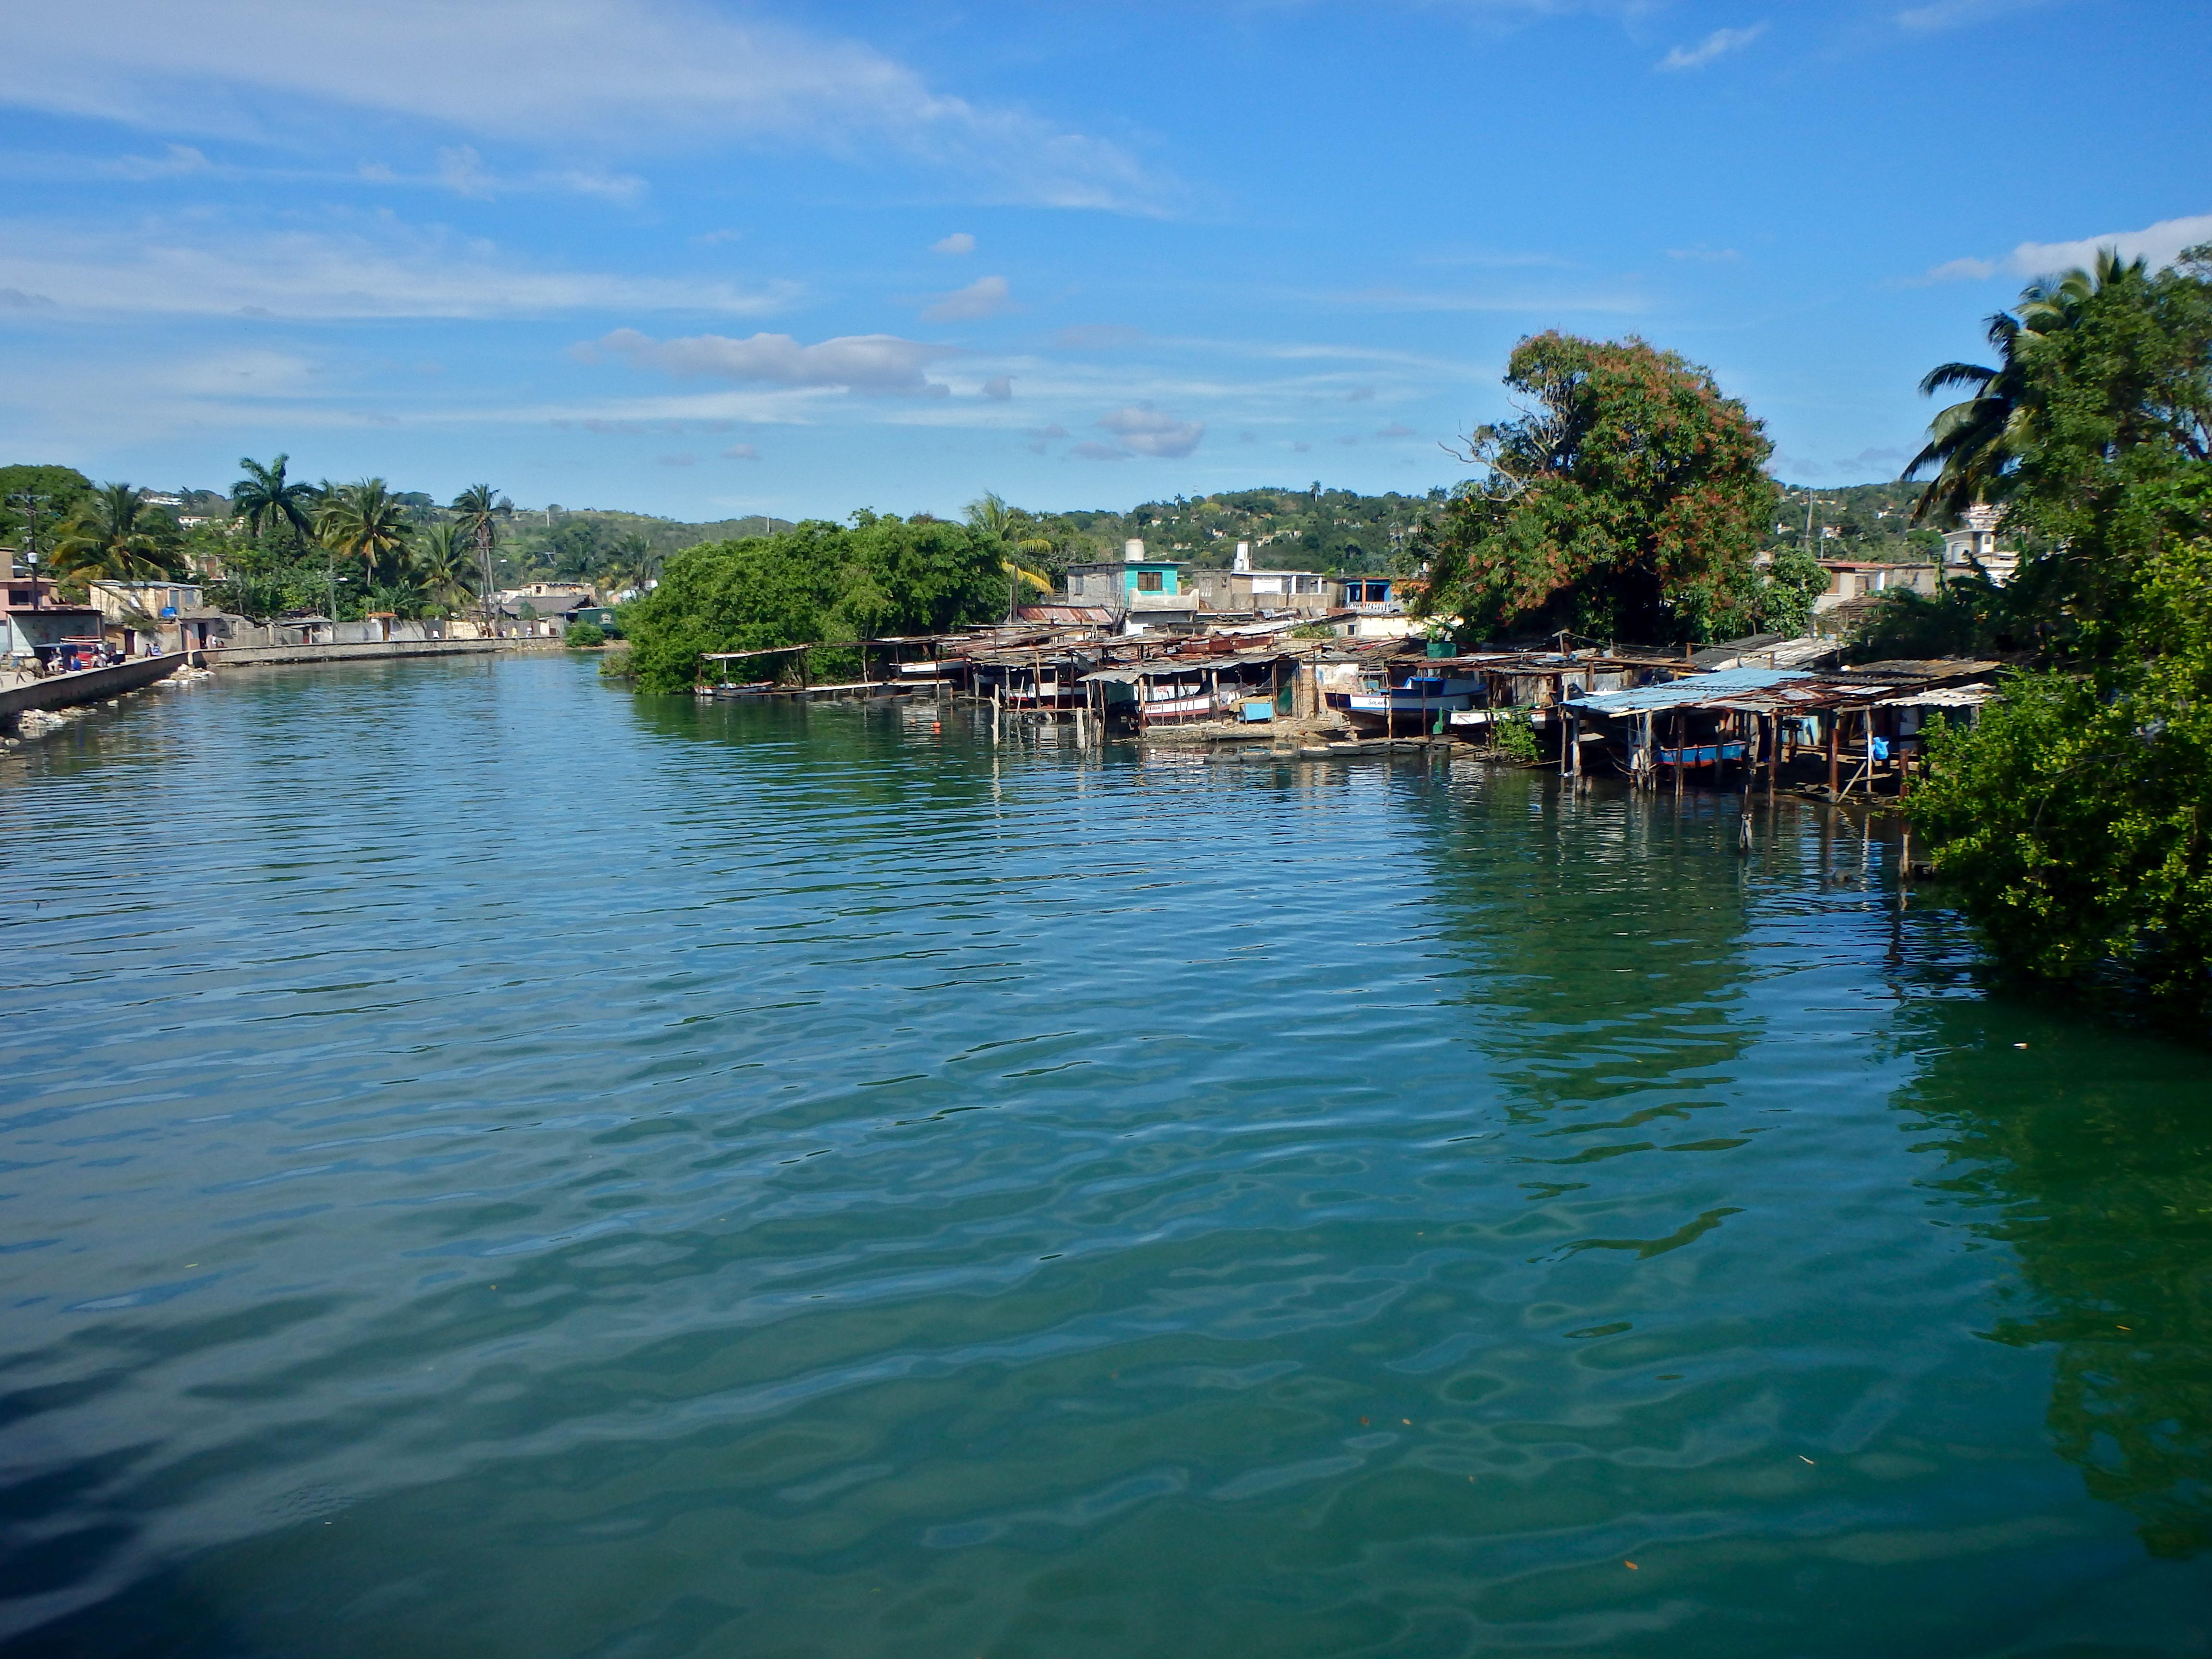 river near matanzas and varadero top activities near matanzas and varadero cuba solo female travel blog